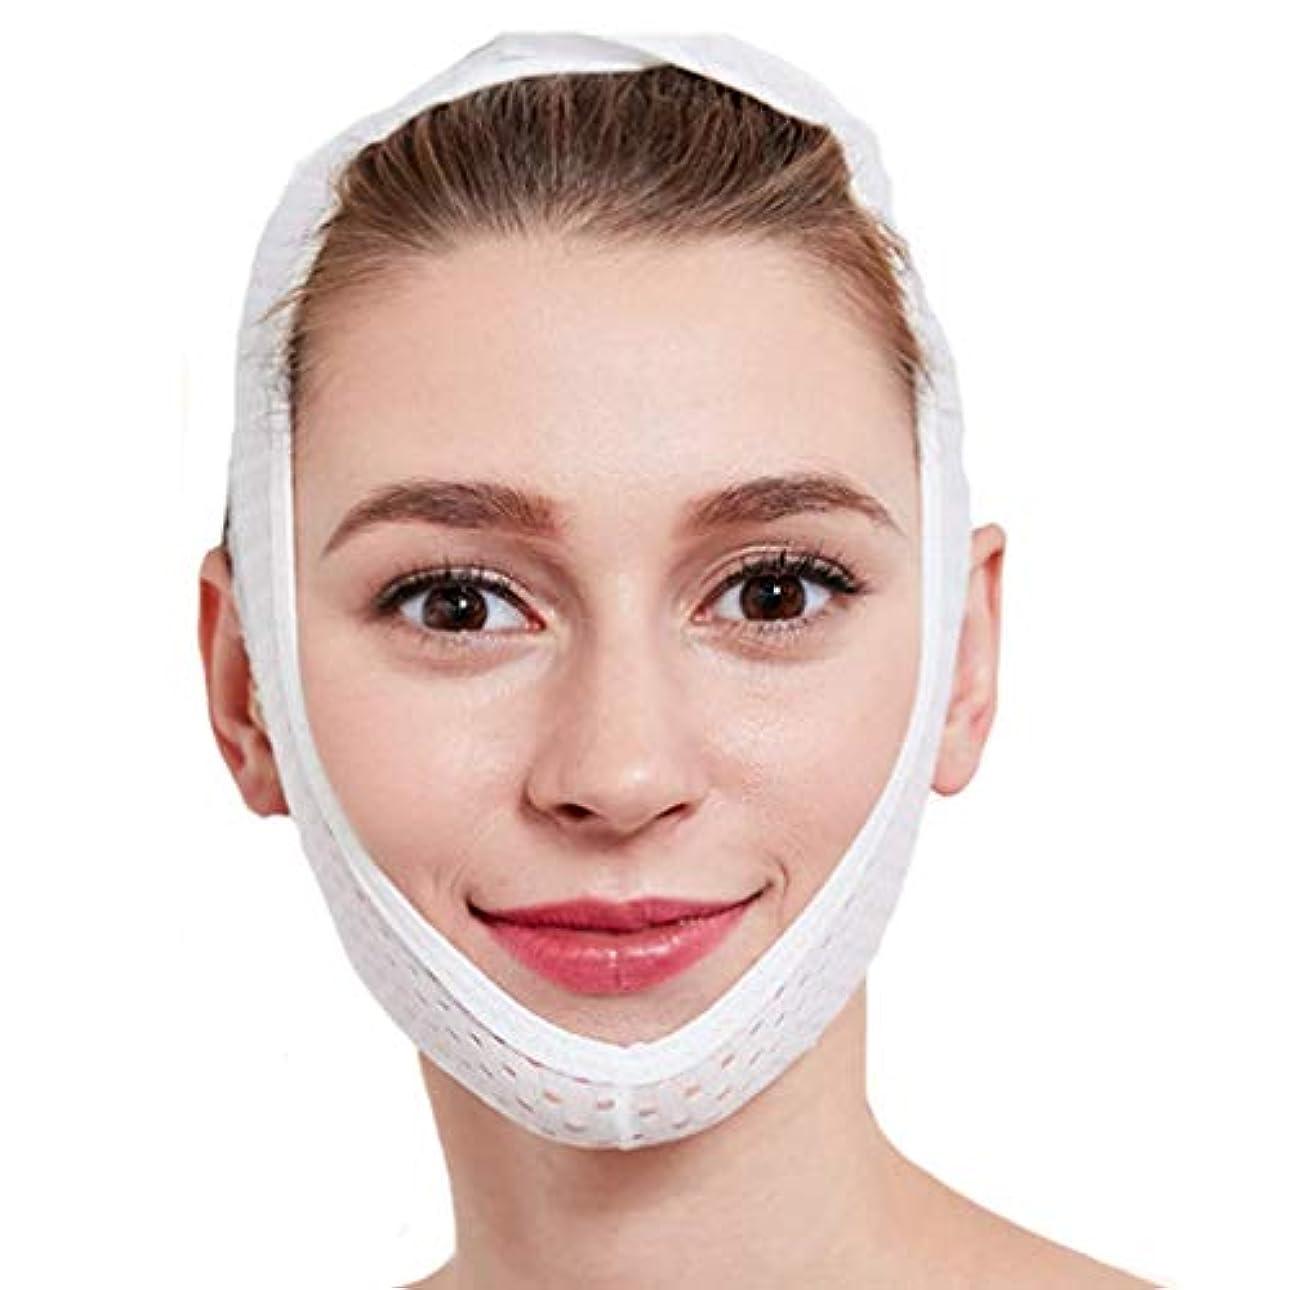 有限モザイク含意小顔リフトアップベルト 小顔補正ベルト 小顔補正 美容グッズ 二重あご シェイプアップ 加圧マスク ベルト